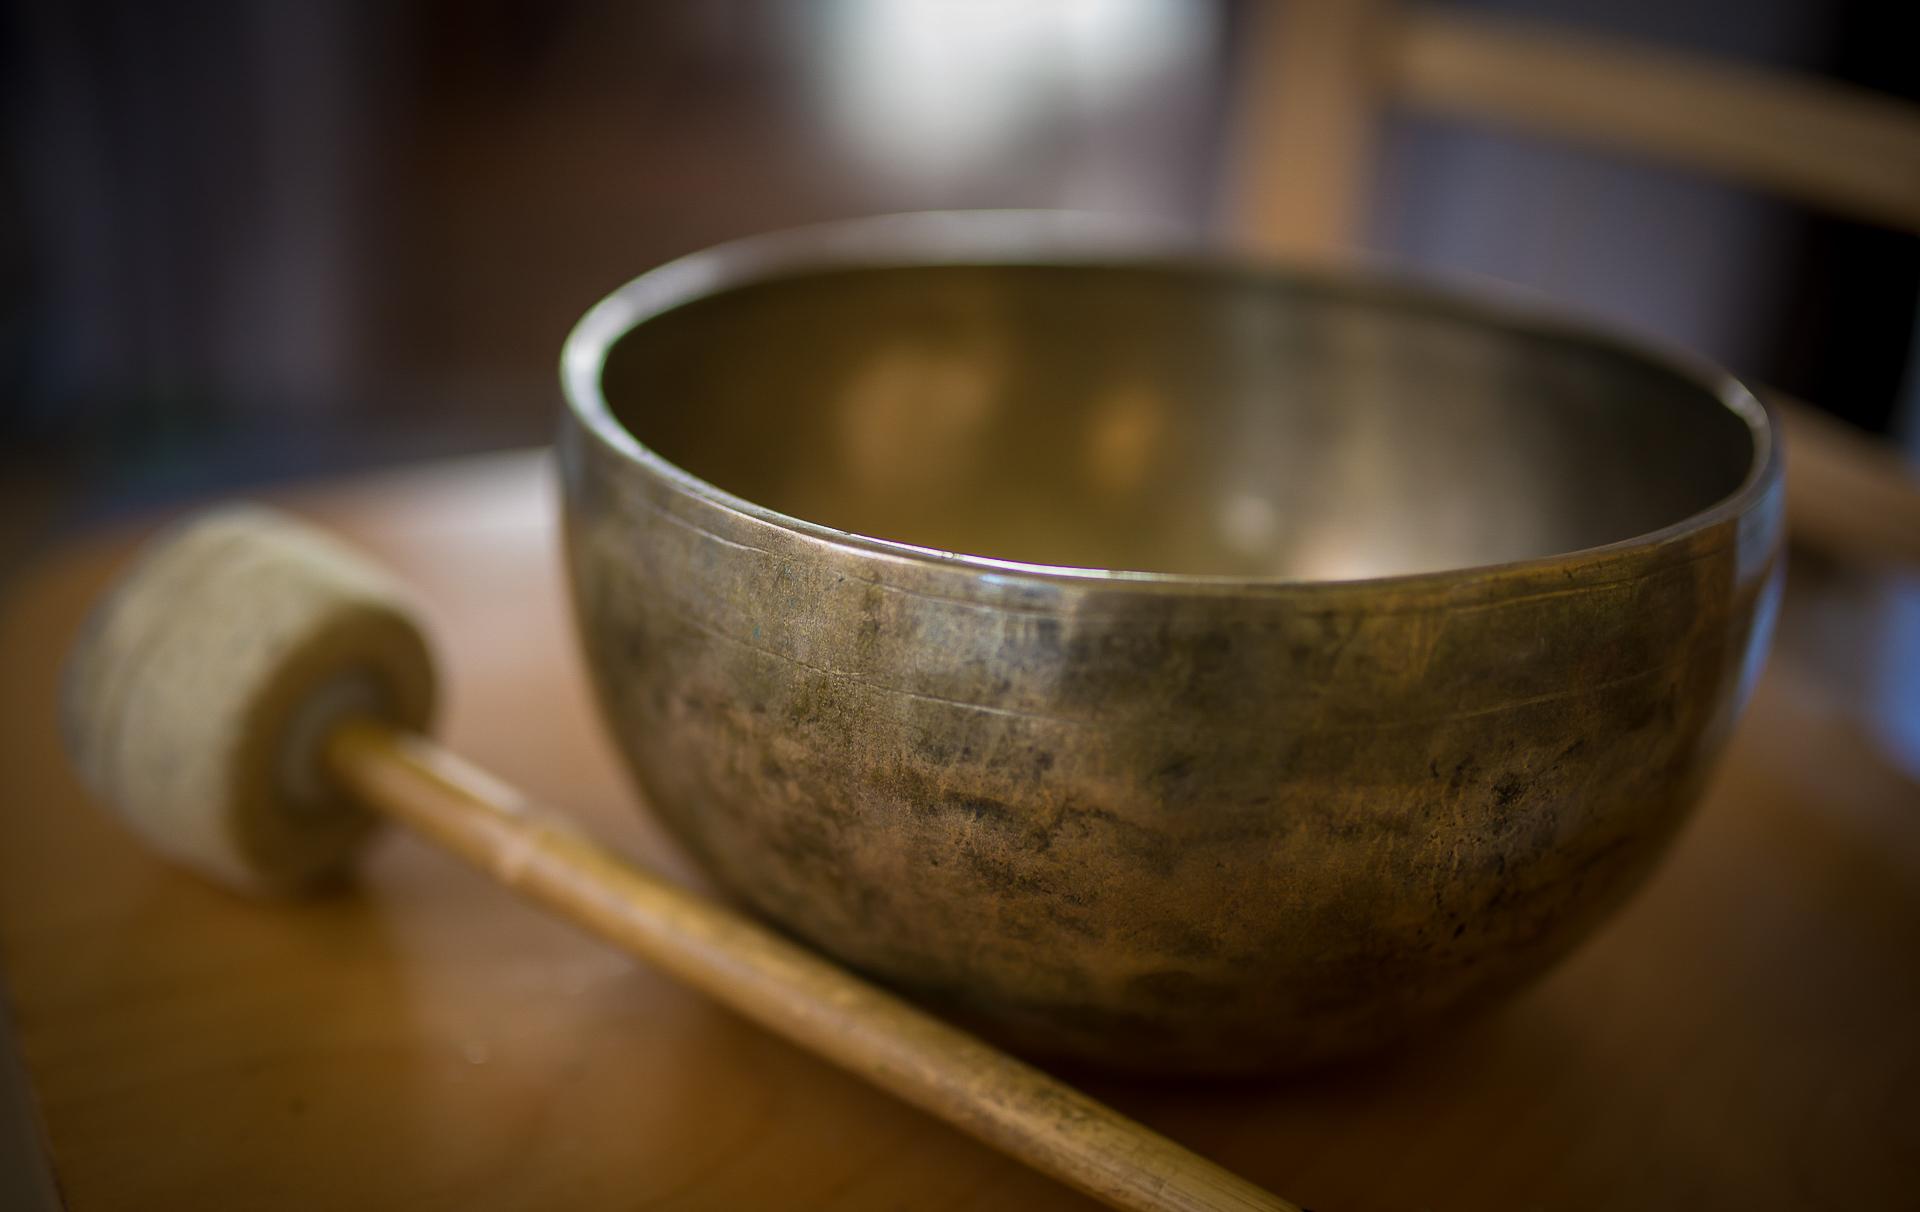 Sound healing with Tibetan Singing Bowl